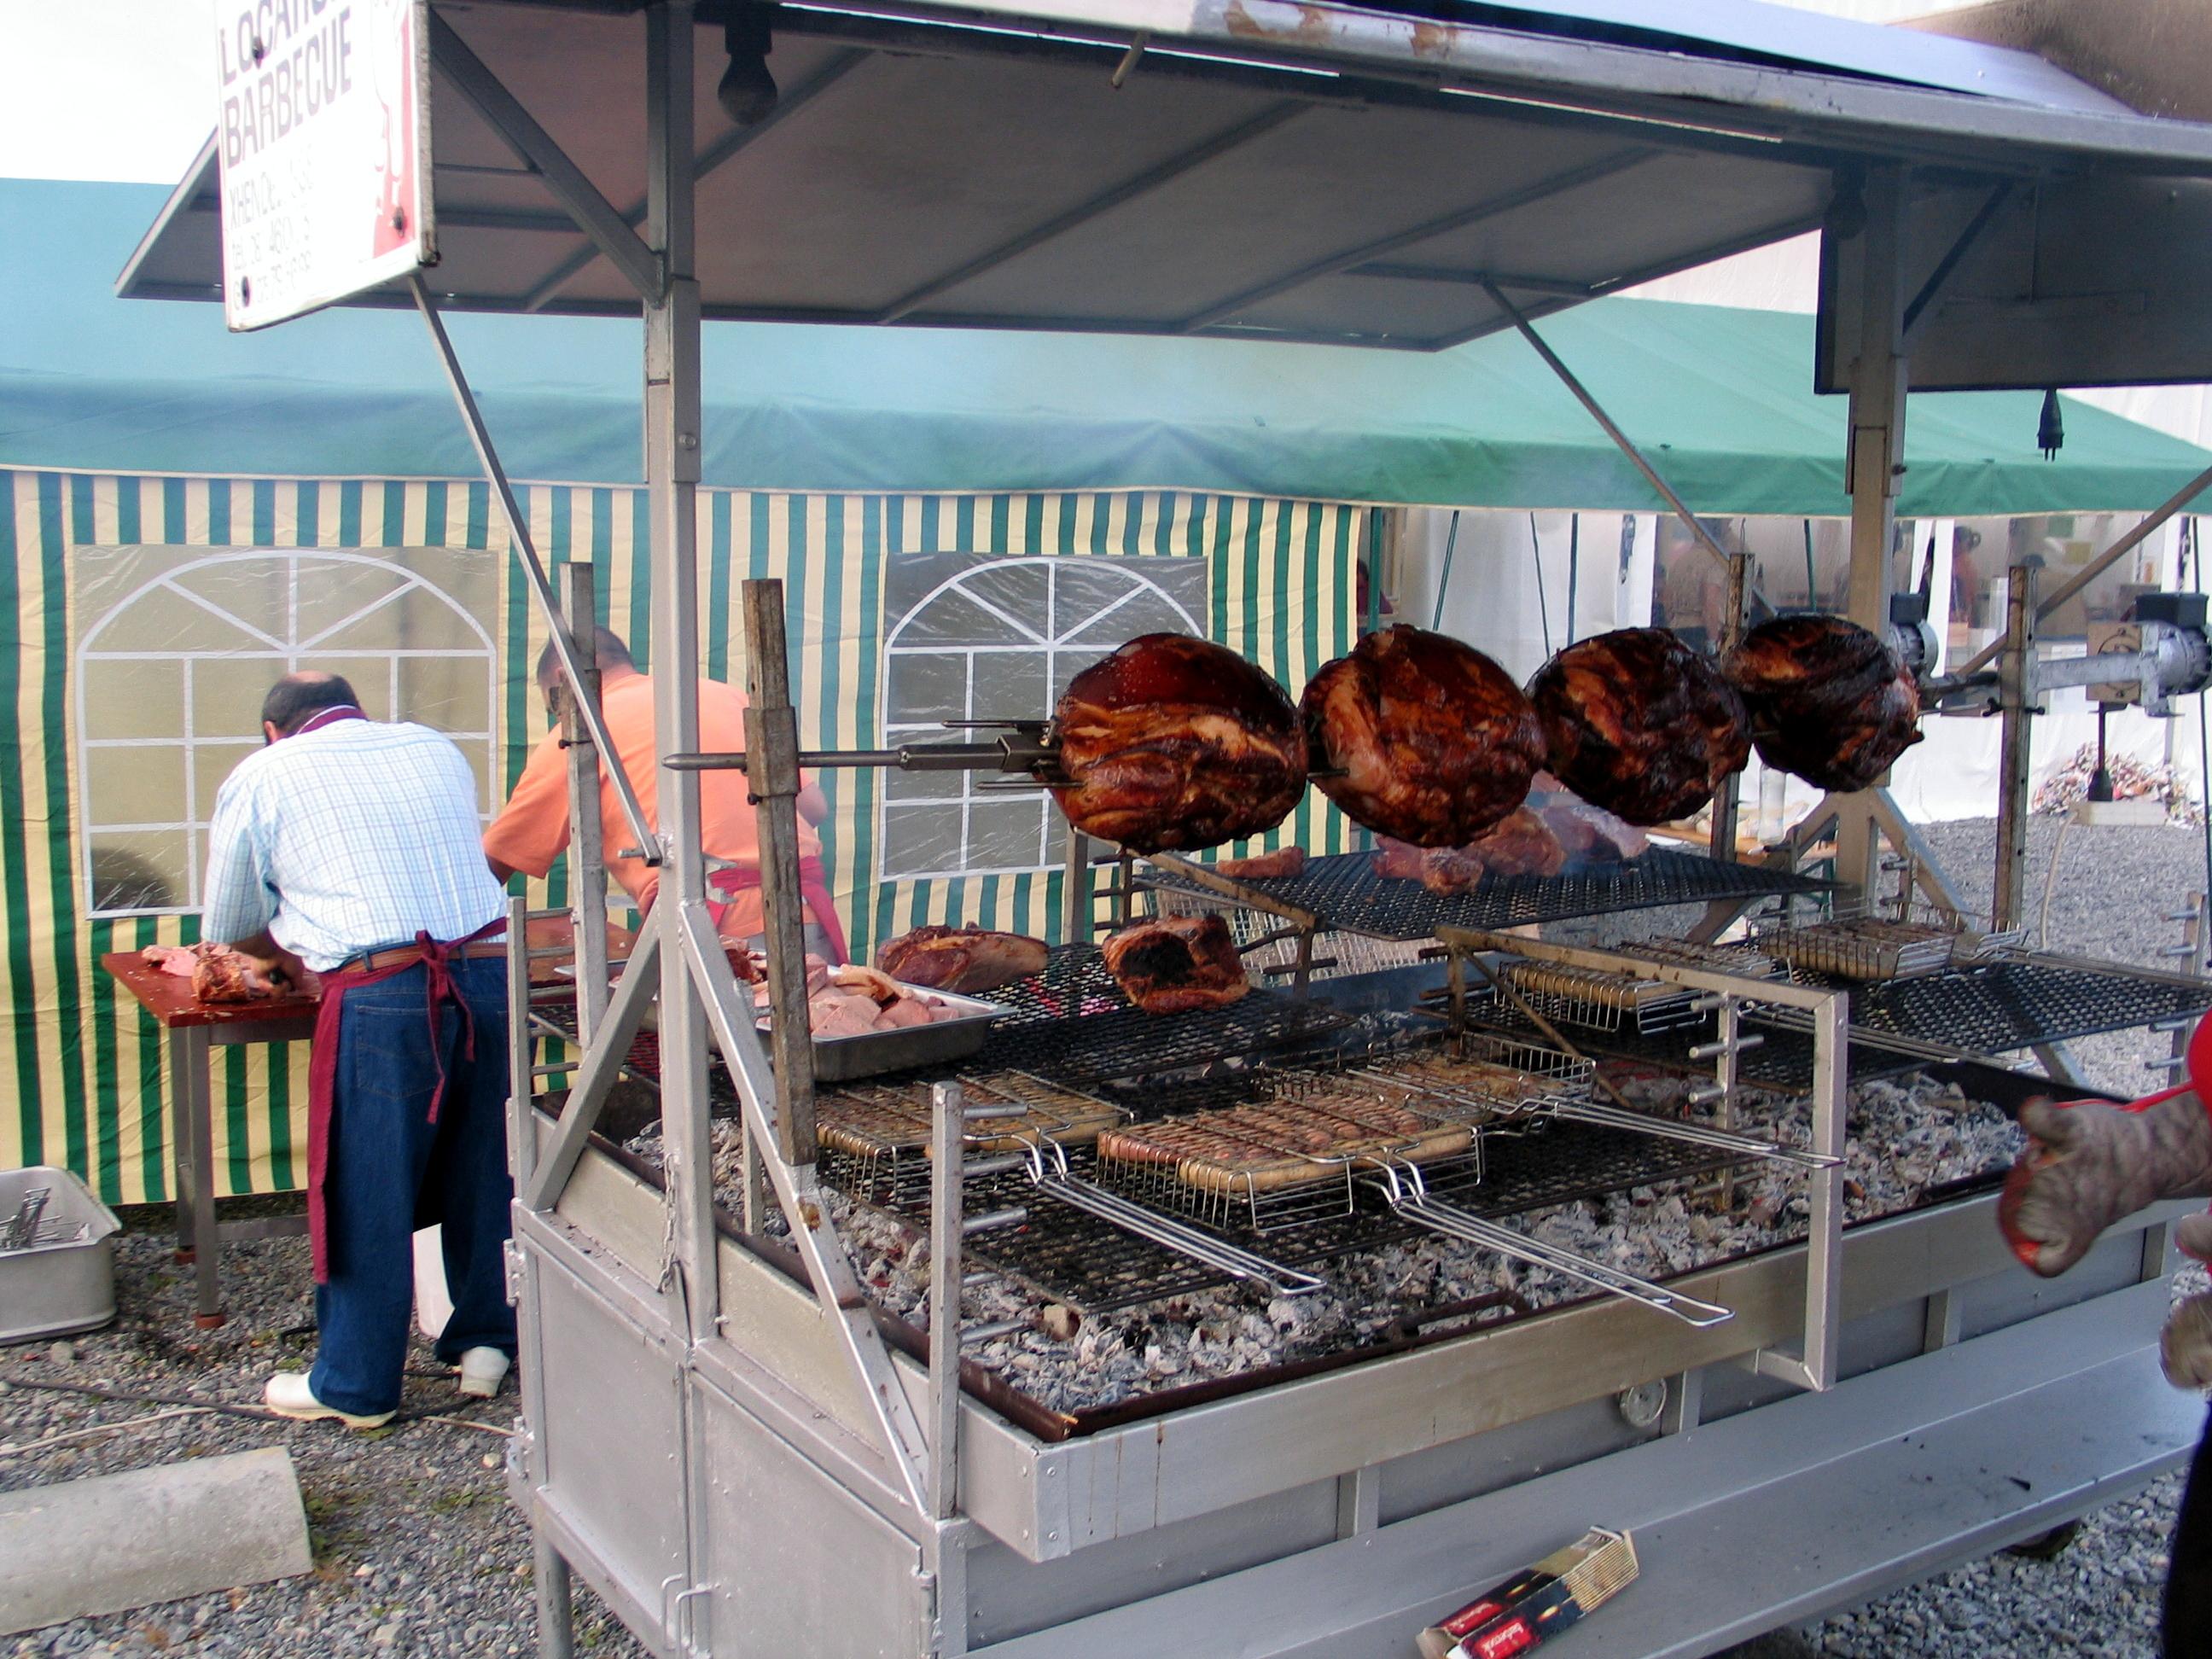 Location de remorques pour barbecue boucherie charcuterie traiteur jus - Comment faire prendre un barbecue ...